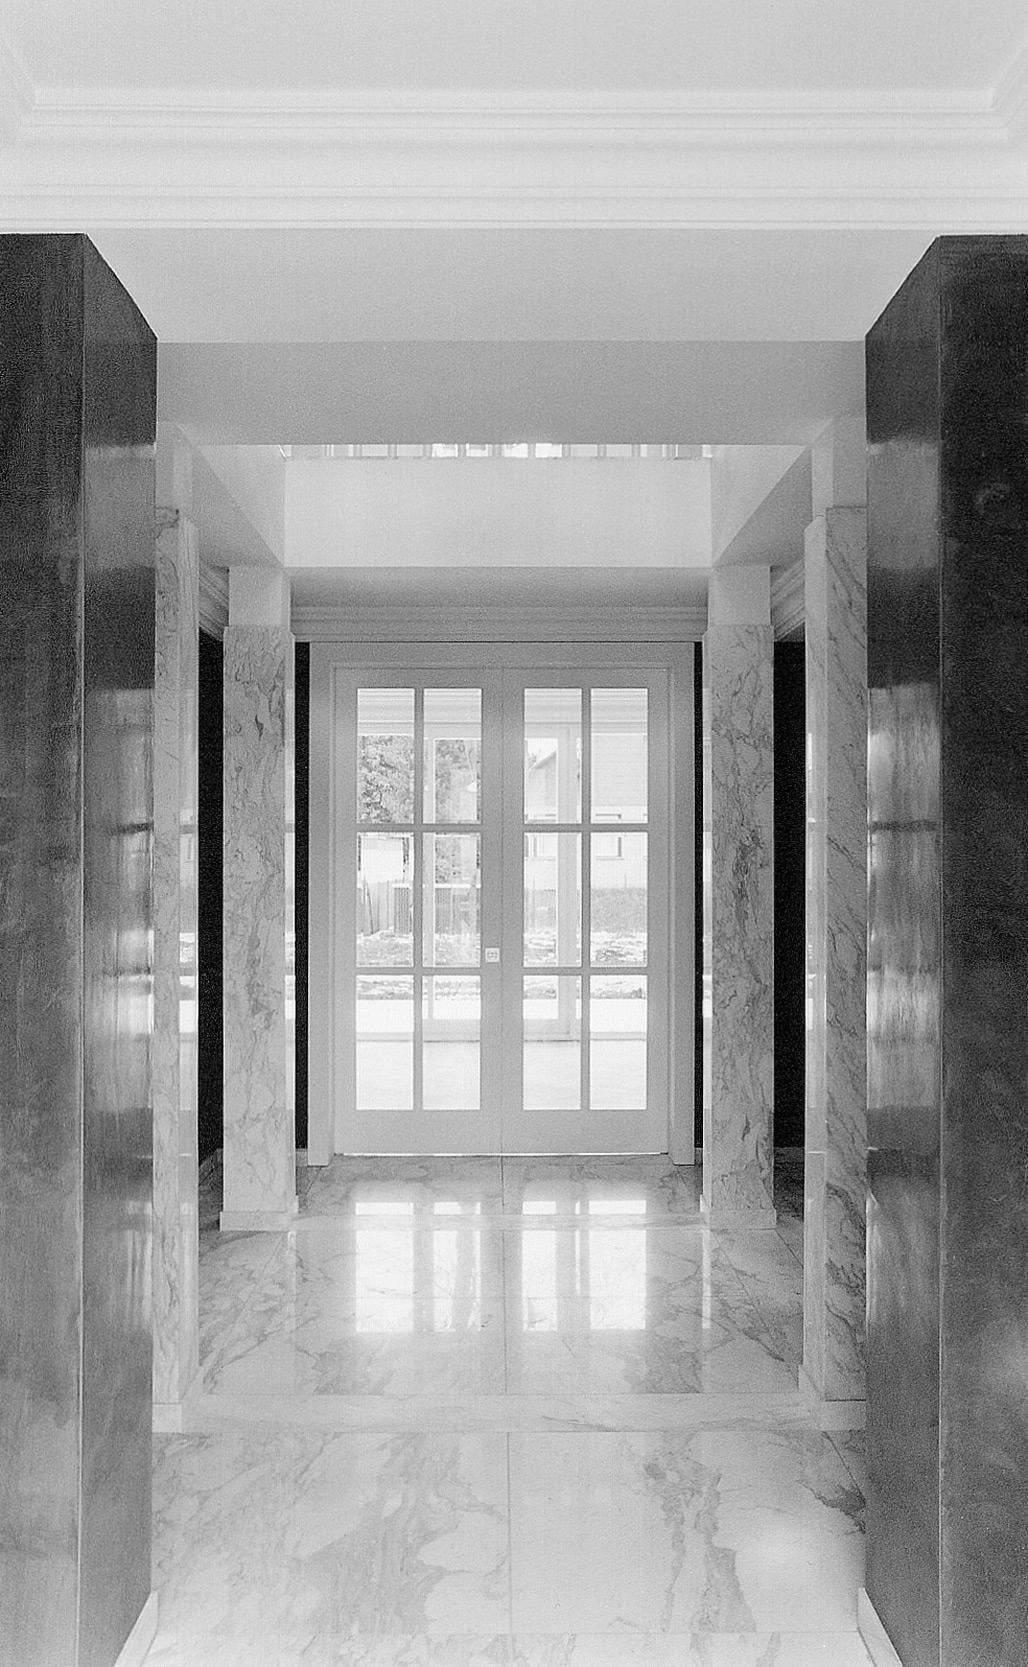 Die große Haupthalle der Villa wurde komplett mit Carrara-Marmor verkleidet.